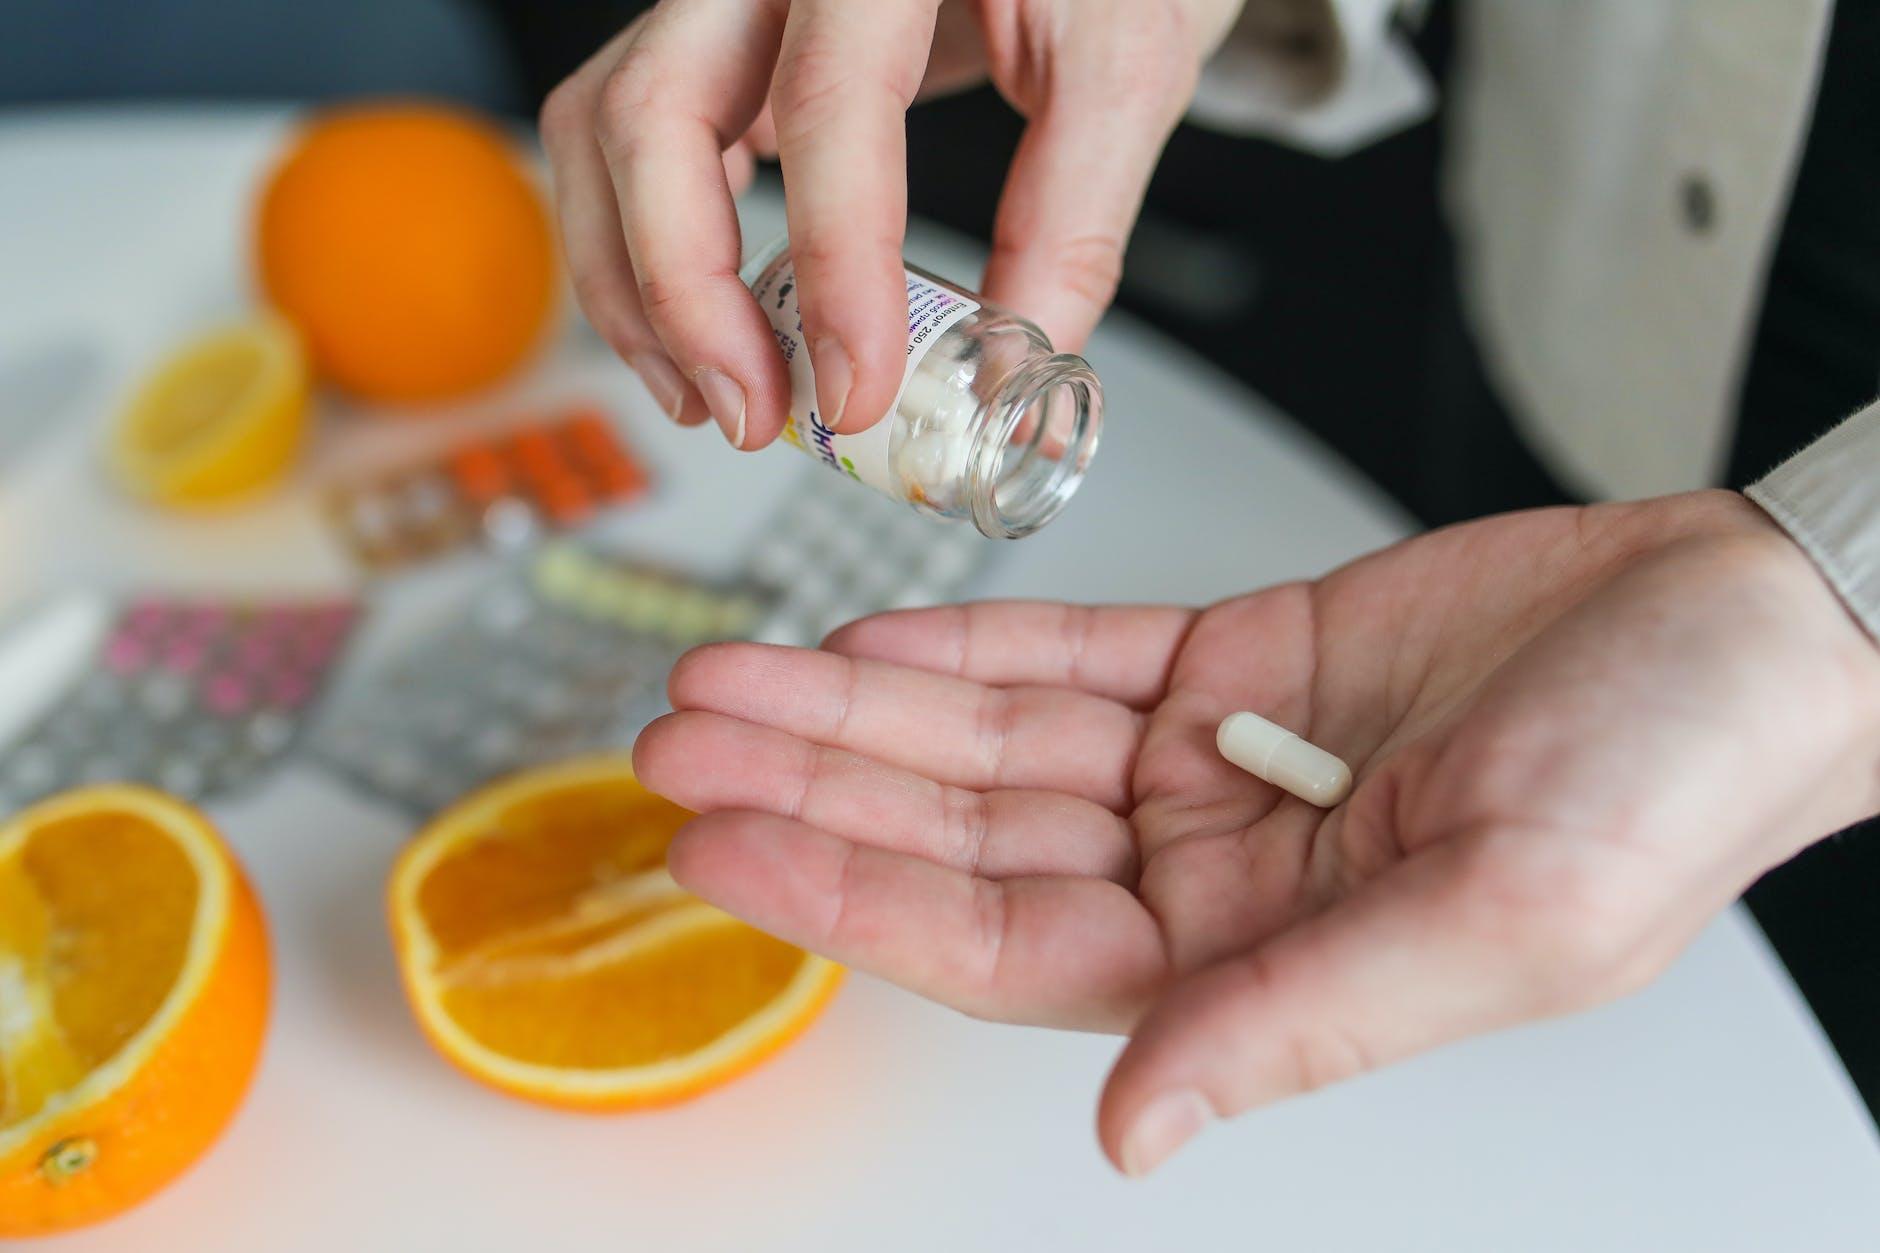 swallow capsule